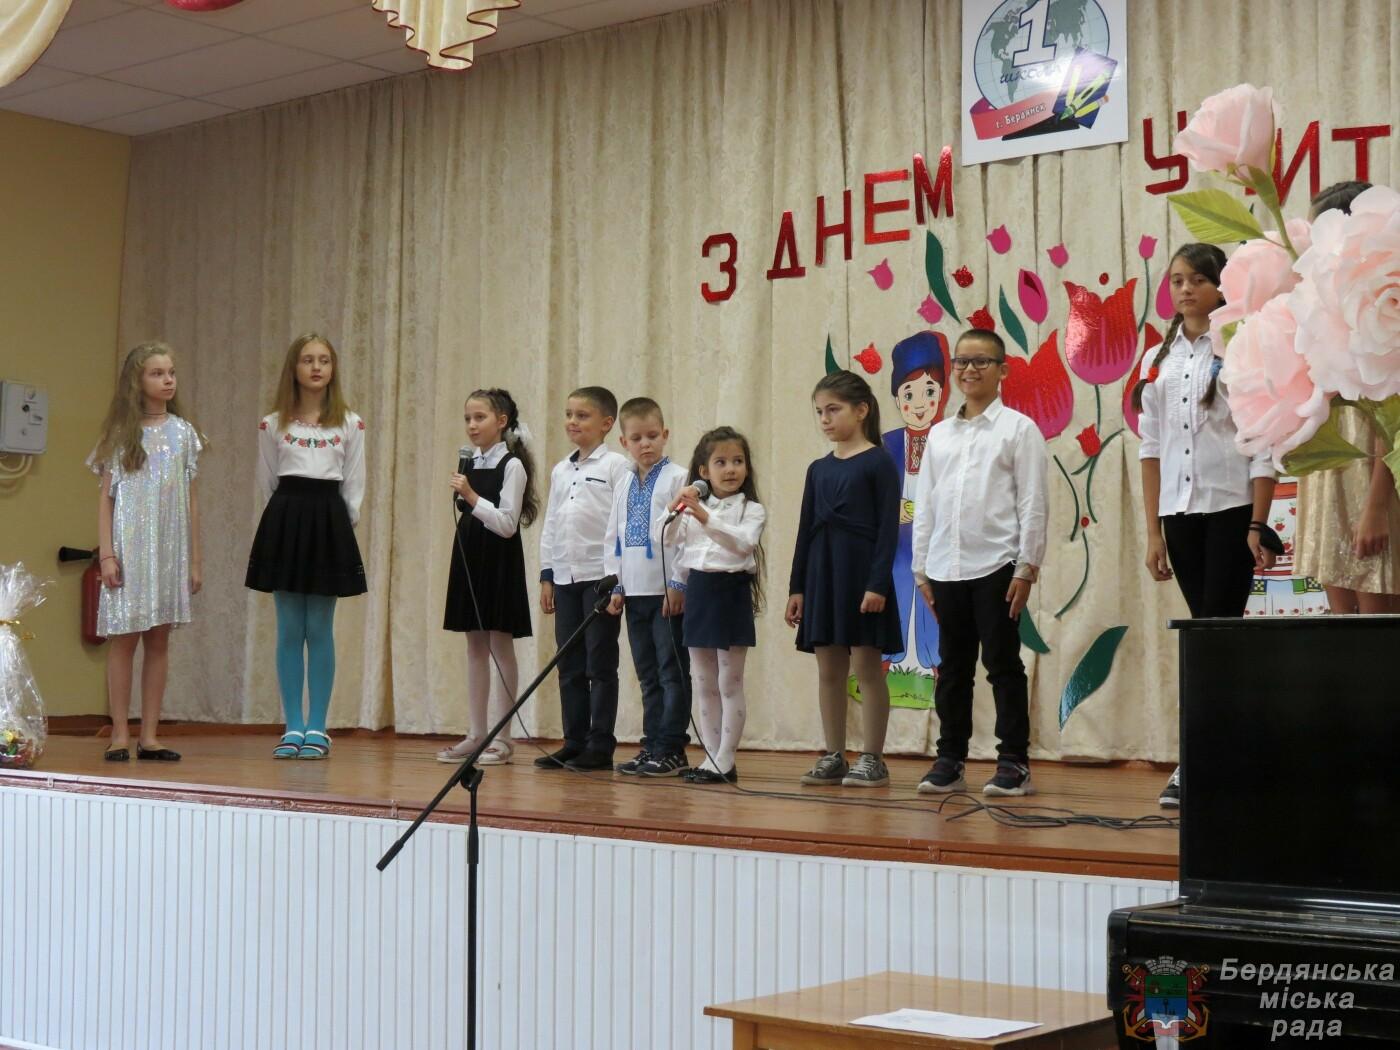 Бердянские учителя получили награды и подарки, фото-1